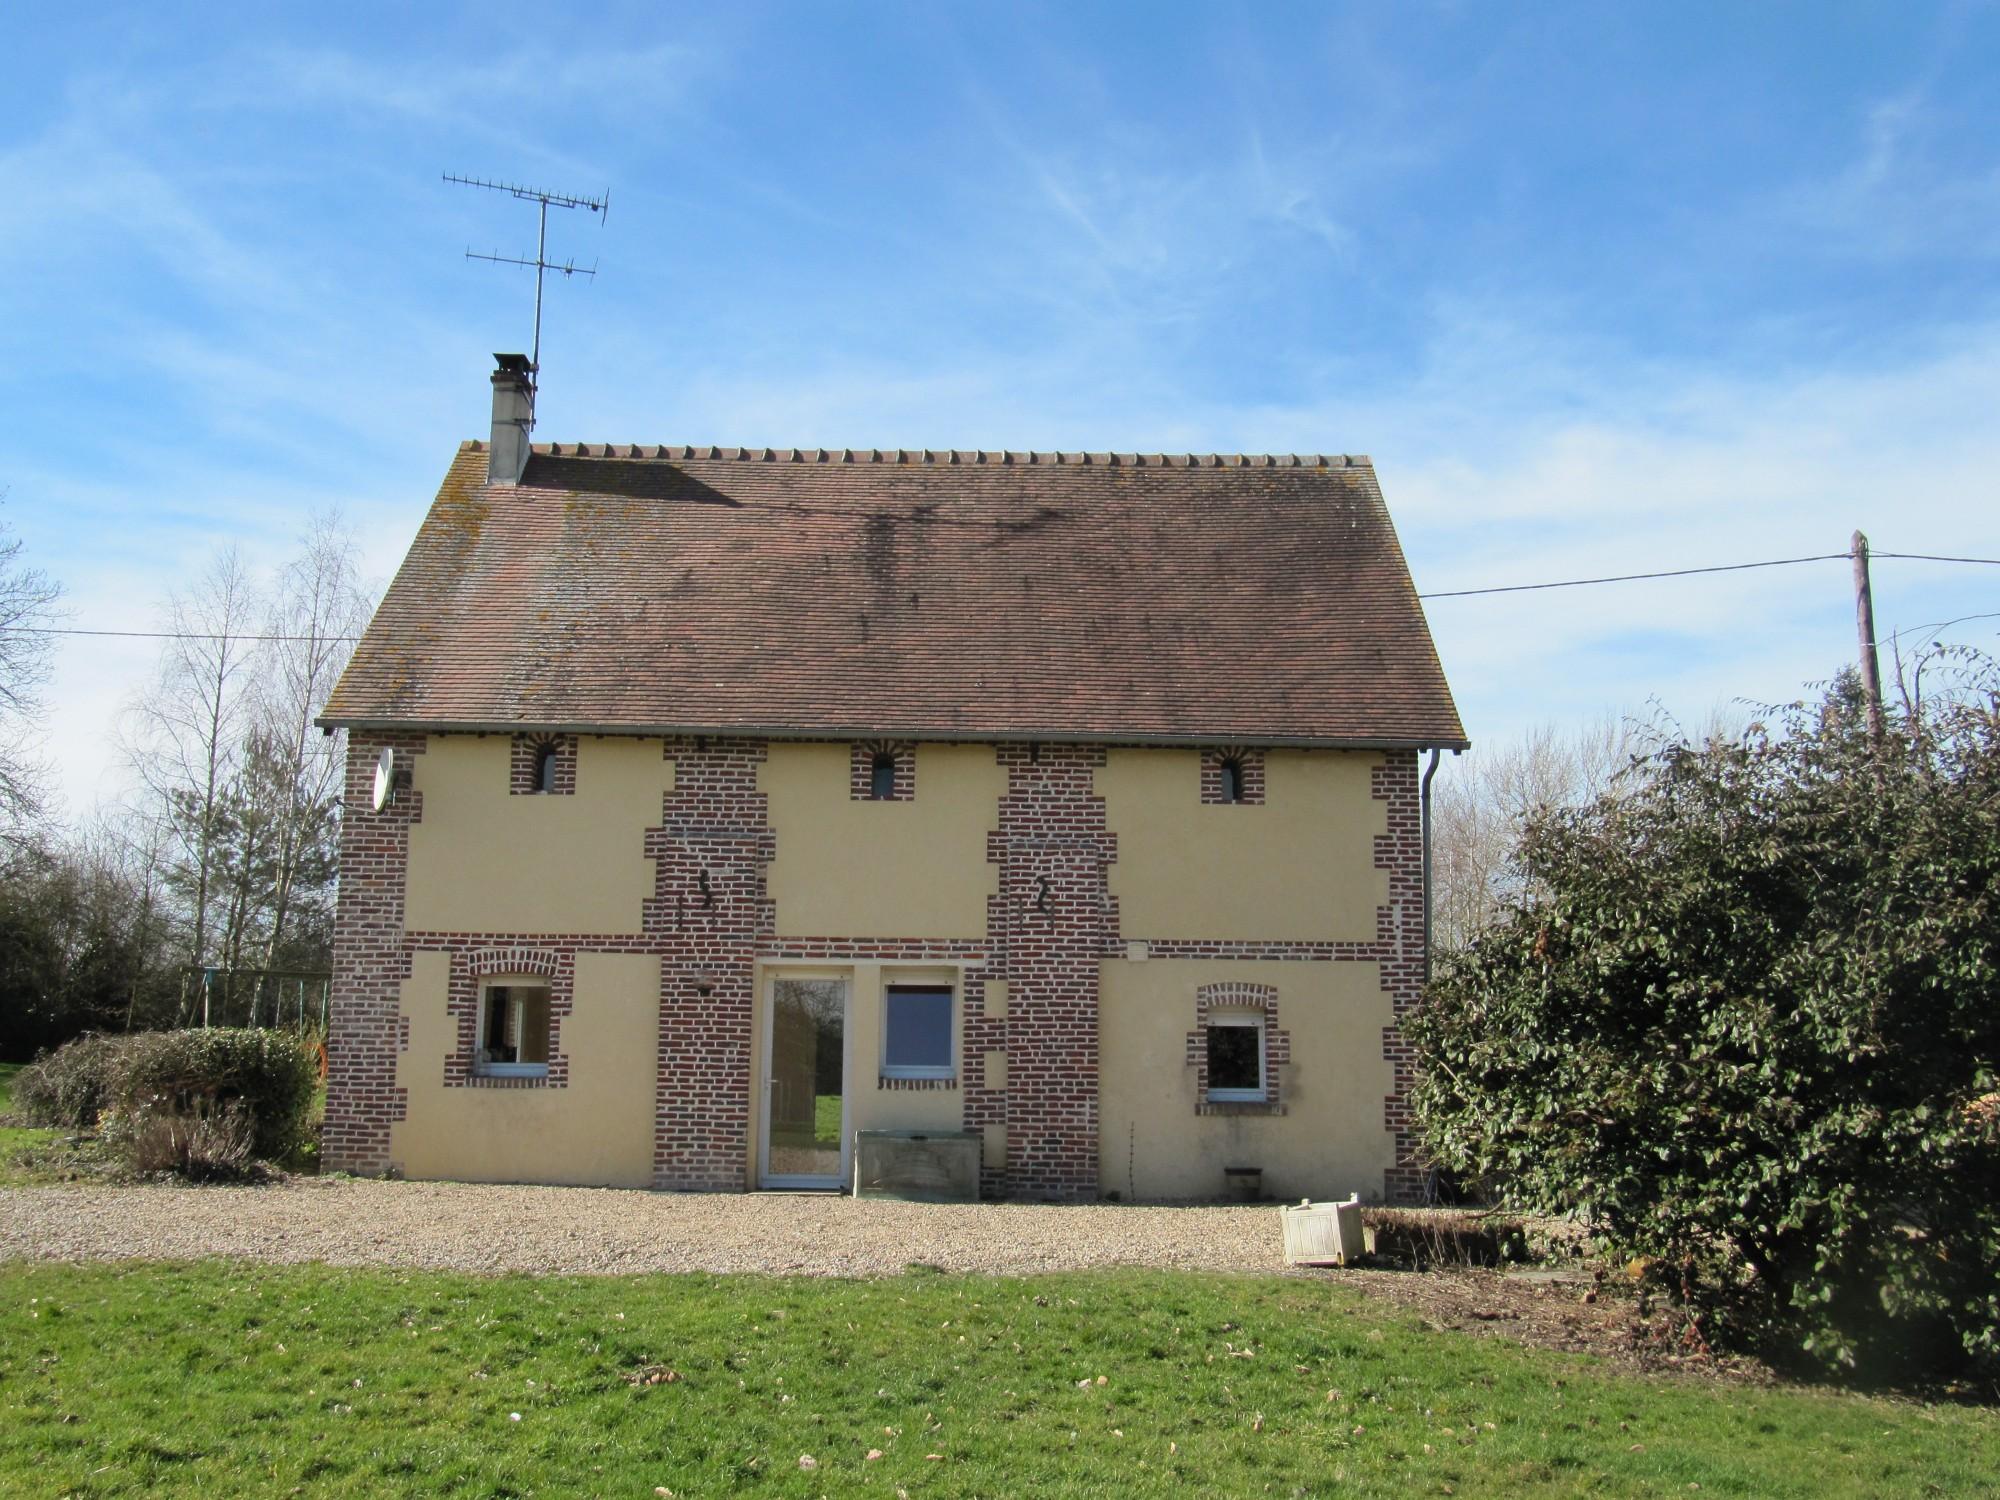 Lisieux ventes maison de campagne t6 f6 lisieux normandie - Maison de campagne normandie ...